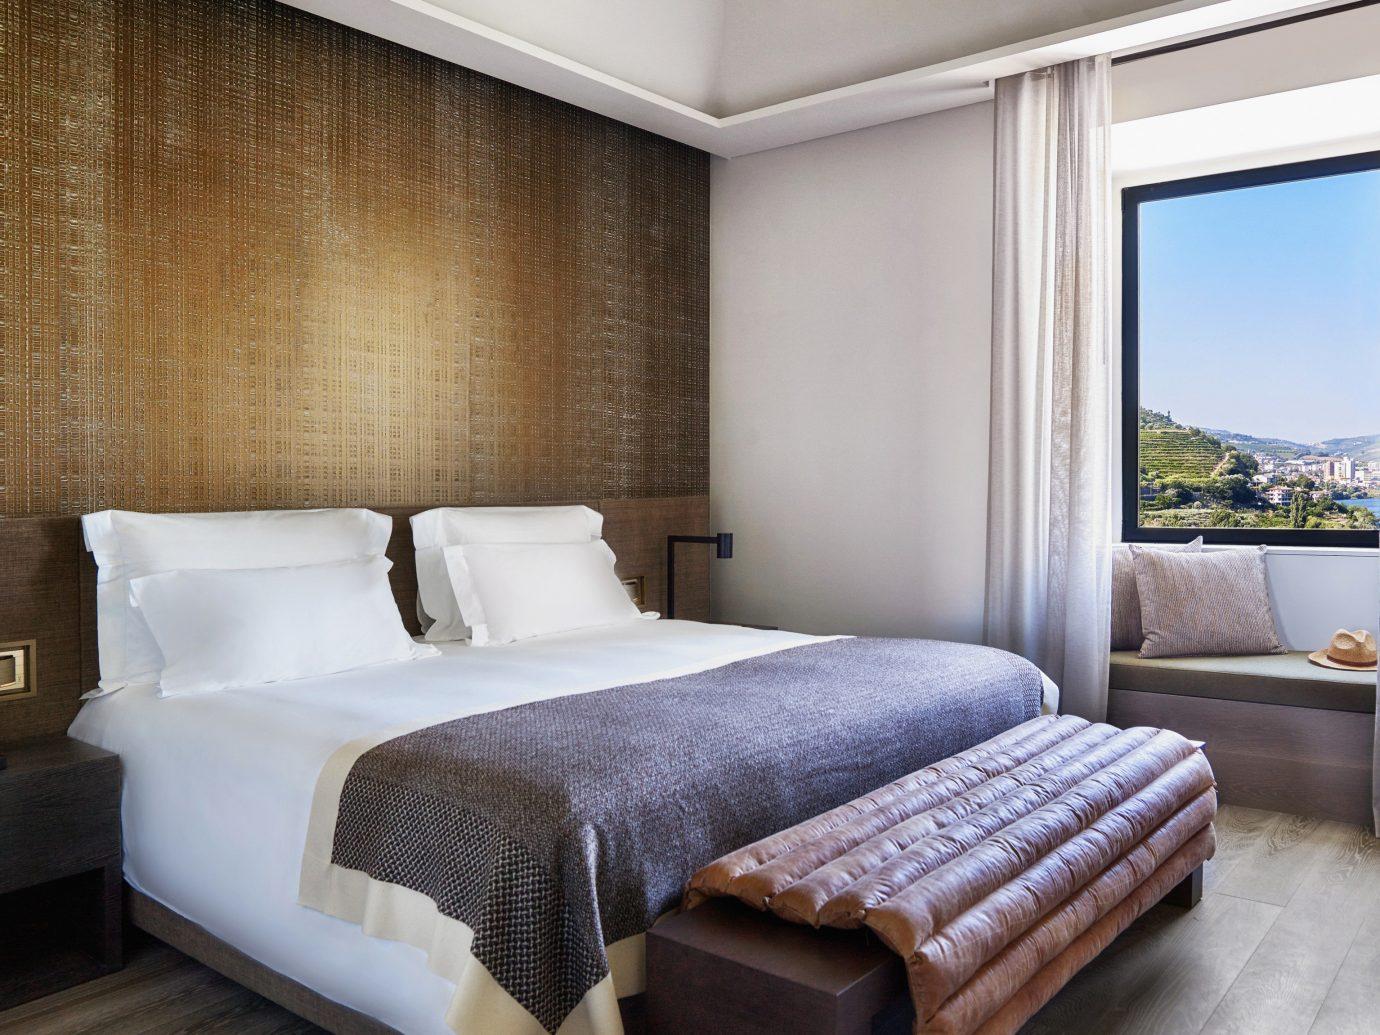 Bedroom Trip Ideas bed indoor floor window room property hotel Suite interior design estate real estate condominium cottage furniture apartment